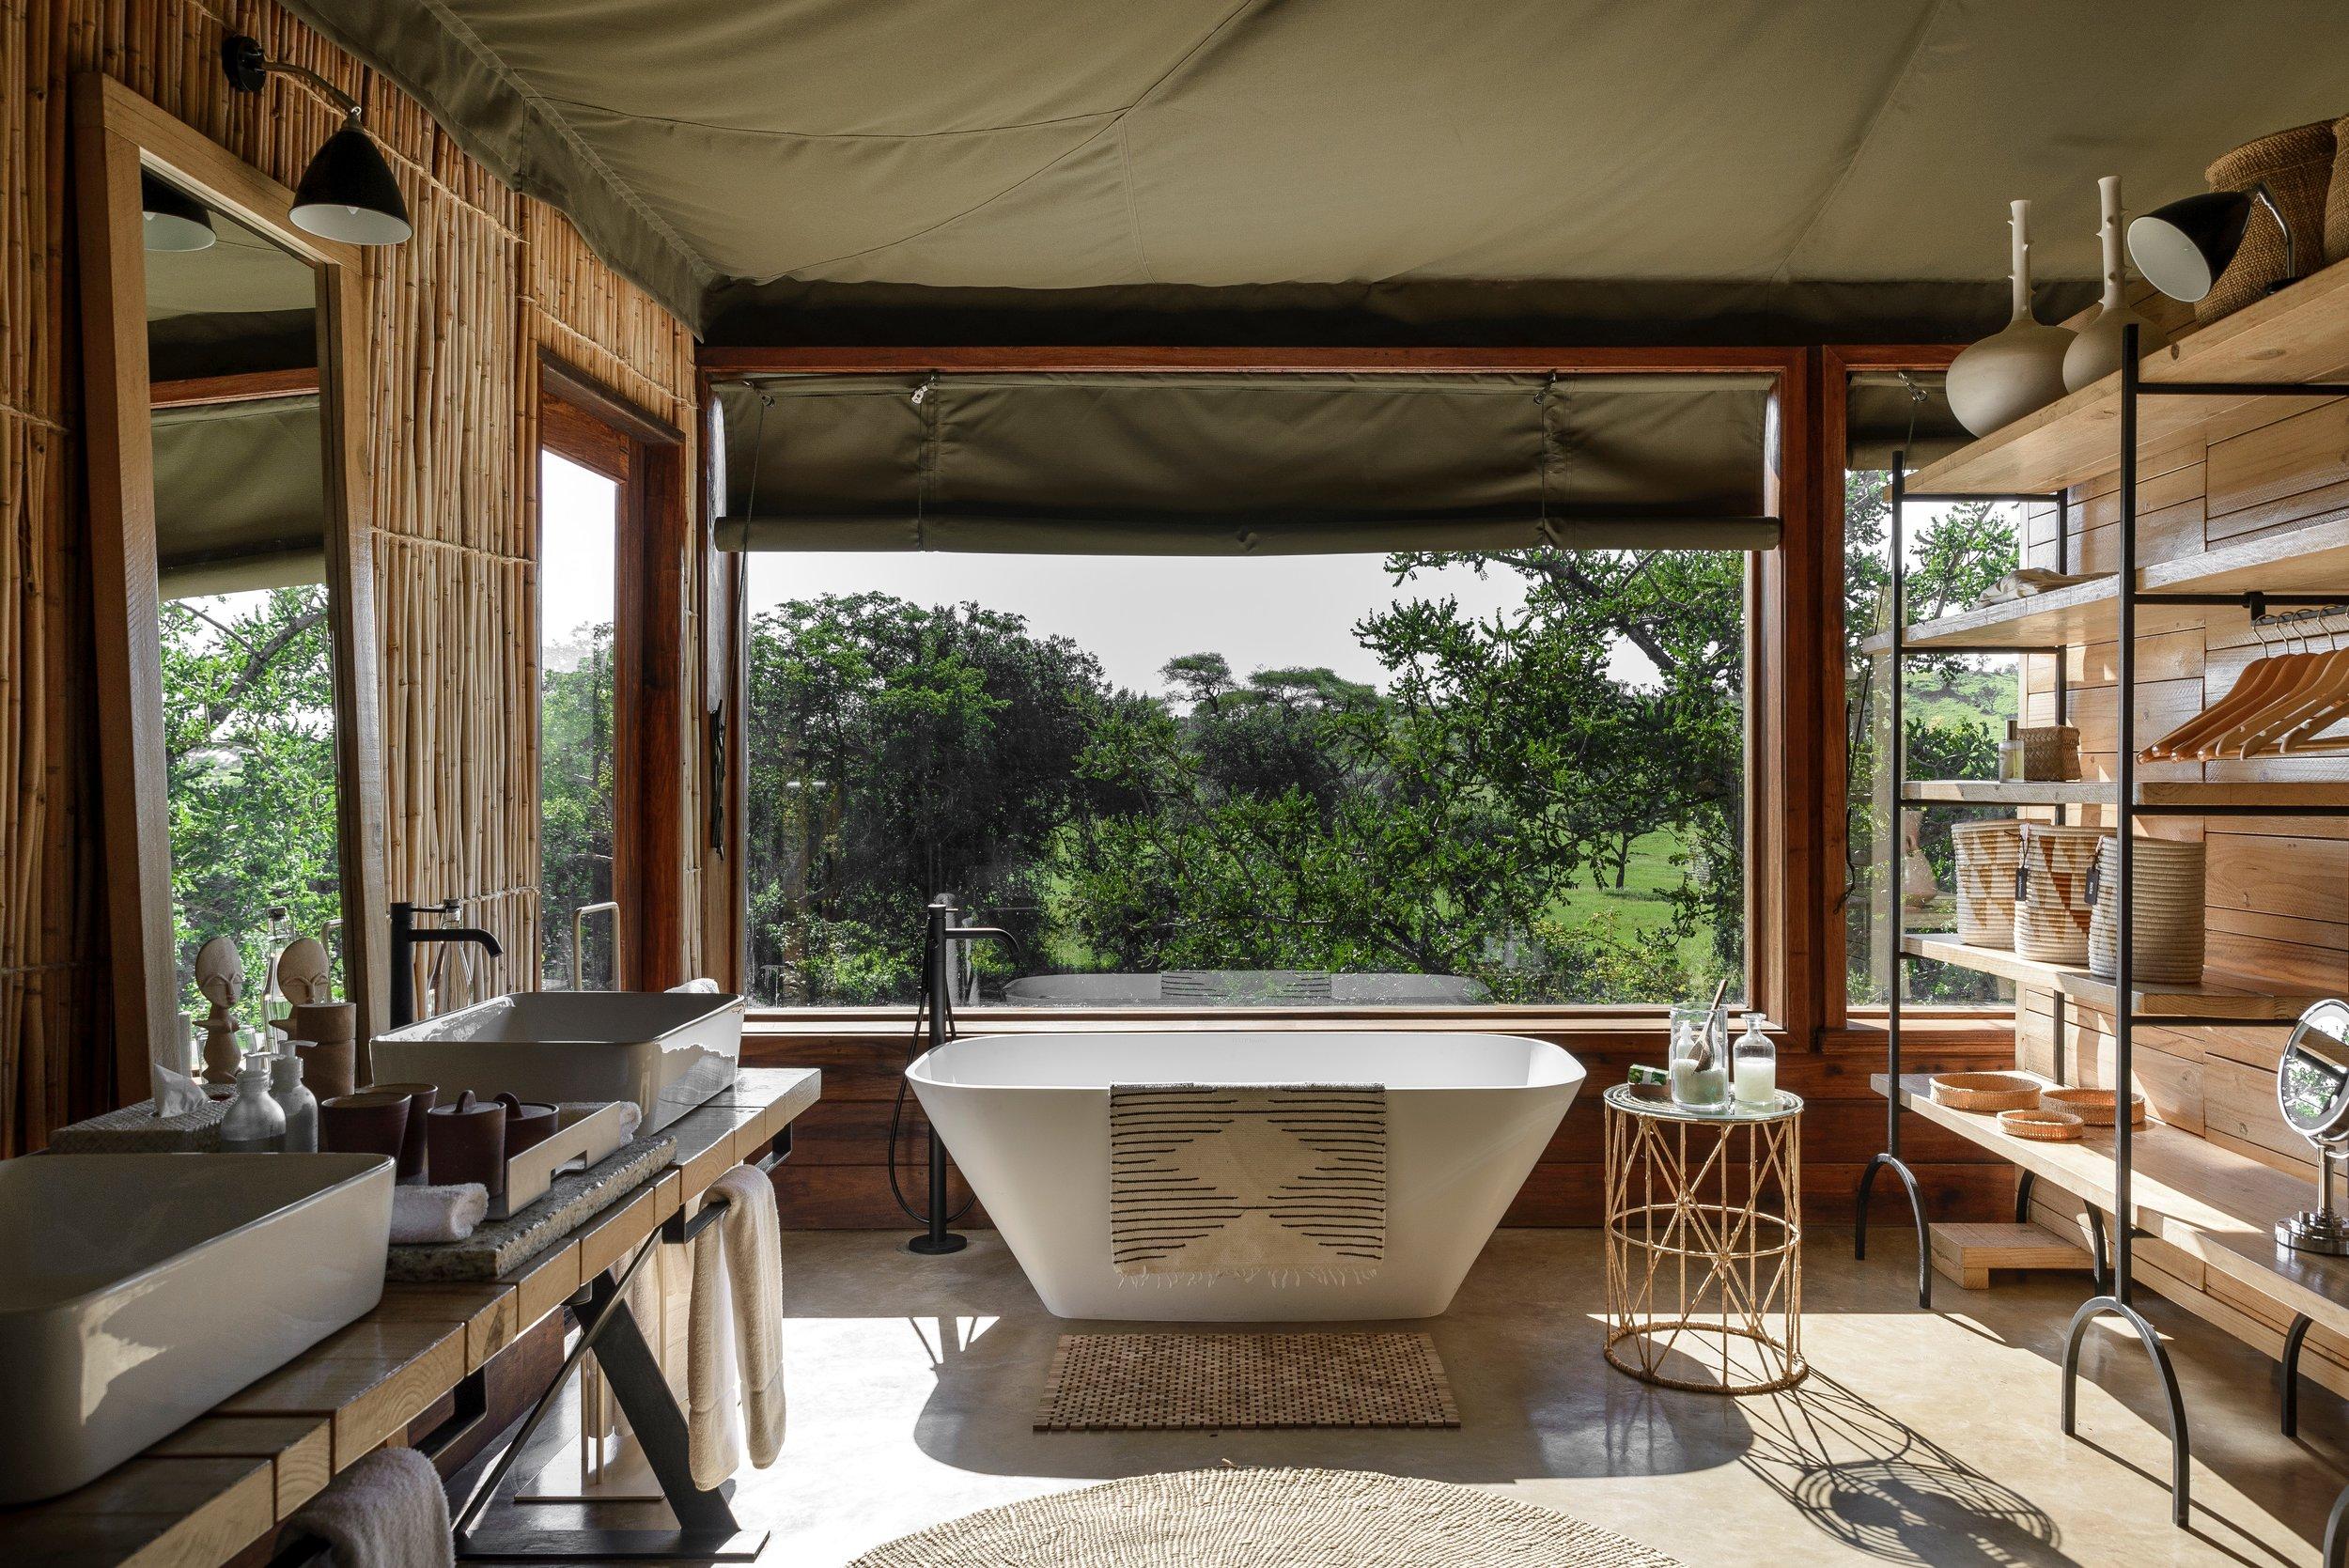 singita_faru_faru_lodge_-_suite_bathroom_with_a_view1.jpg